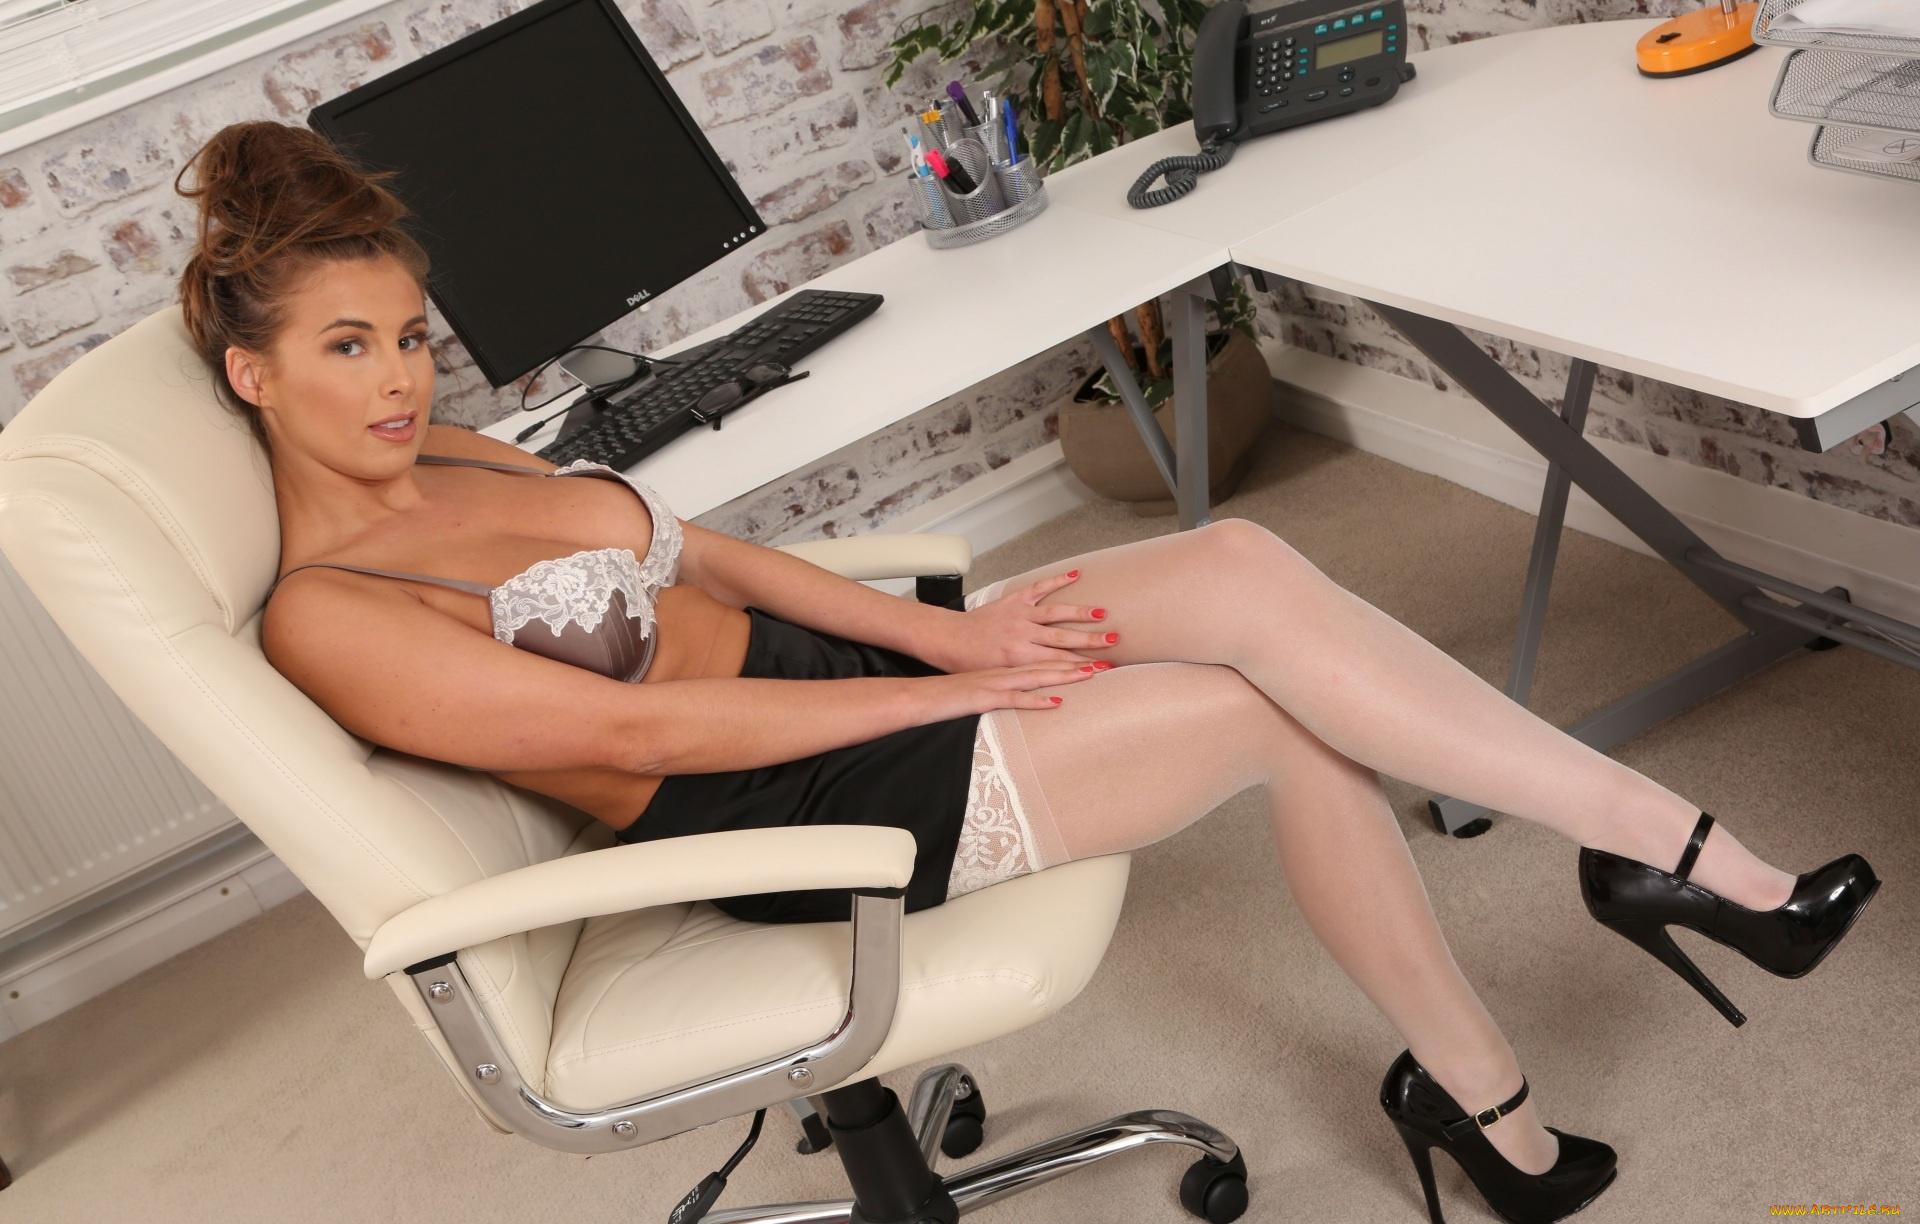 Русское измены секретарша раздвинула ноги на кресле фото секс пикаперами секс